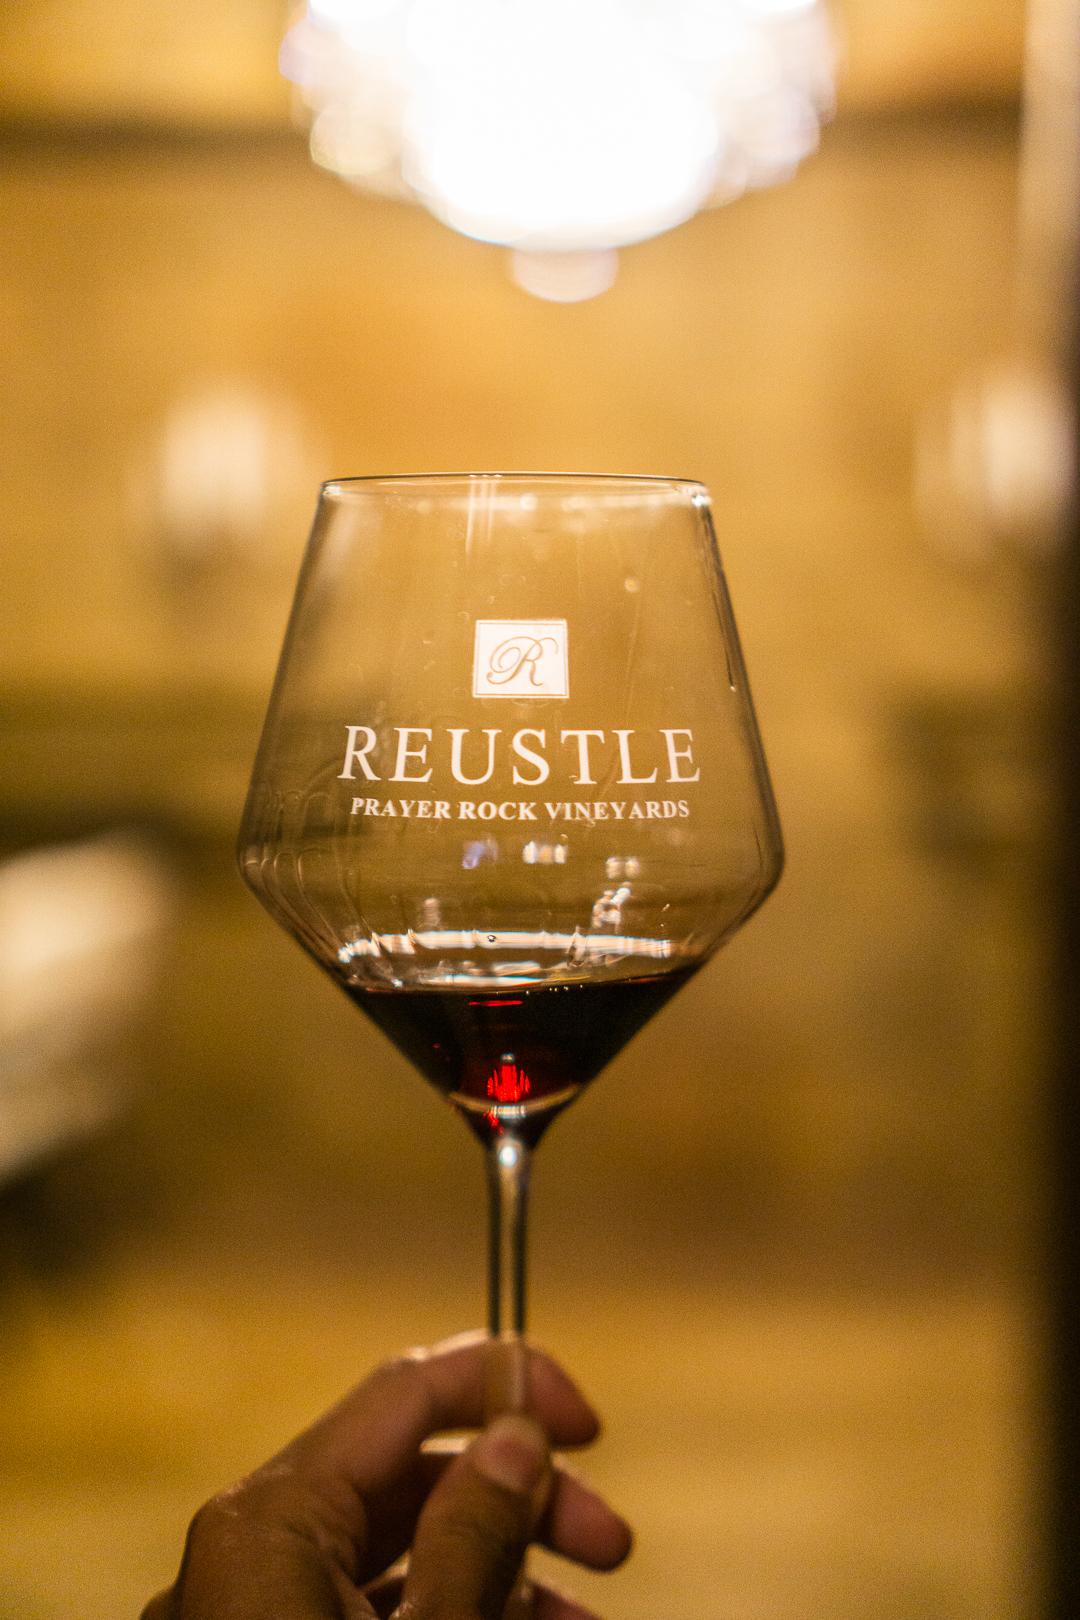 Reustle Prayer Rock Vineyards Free Wine Tasting with Alaska Airlines